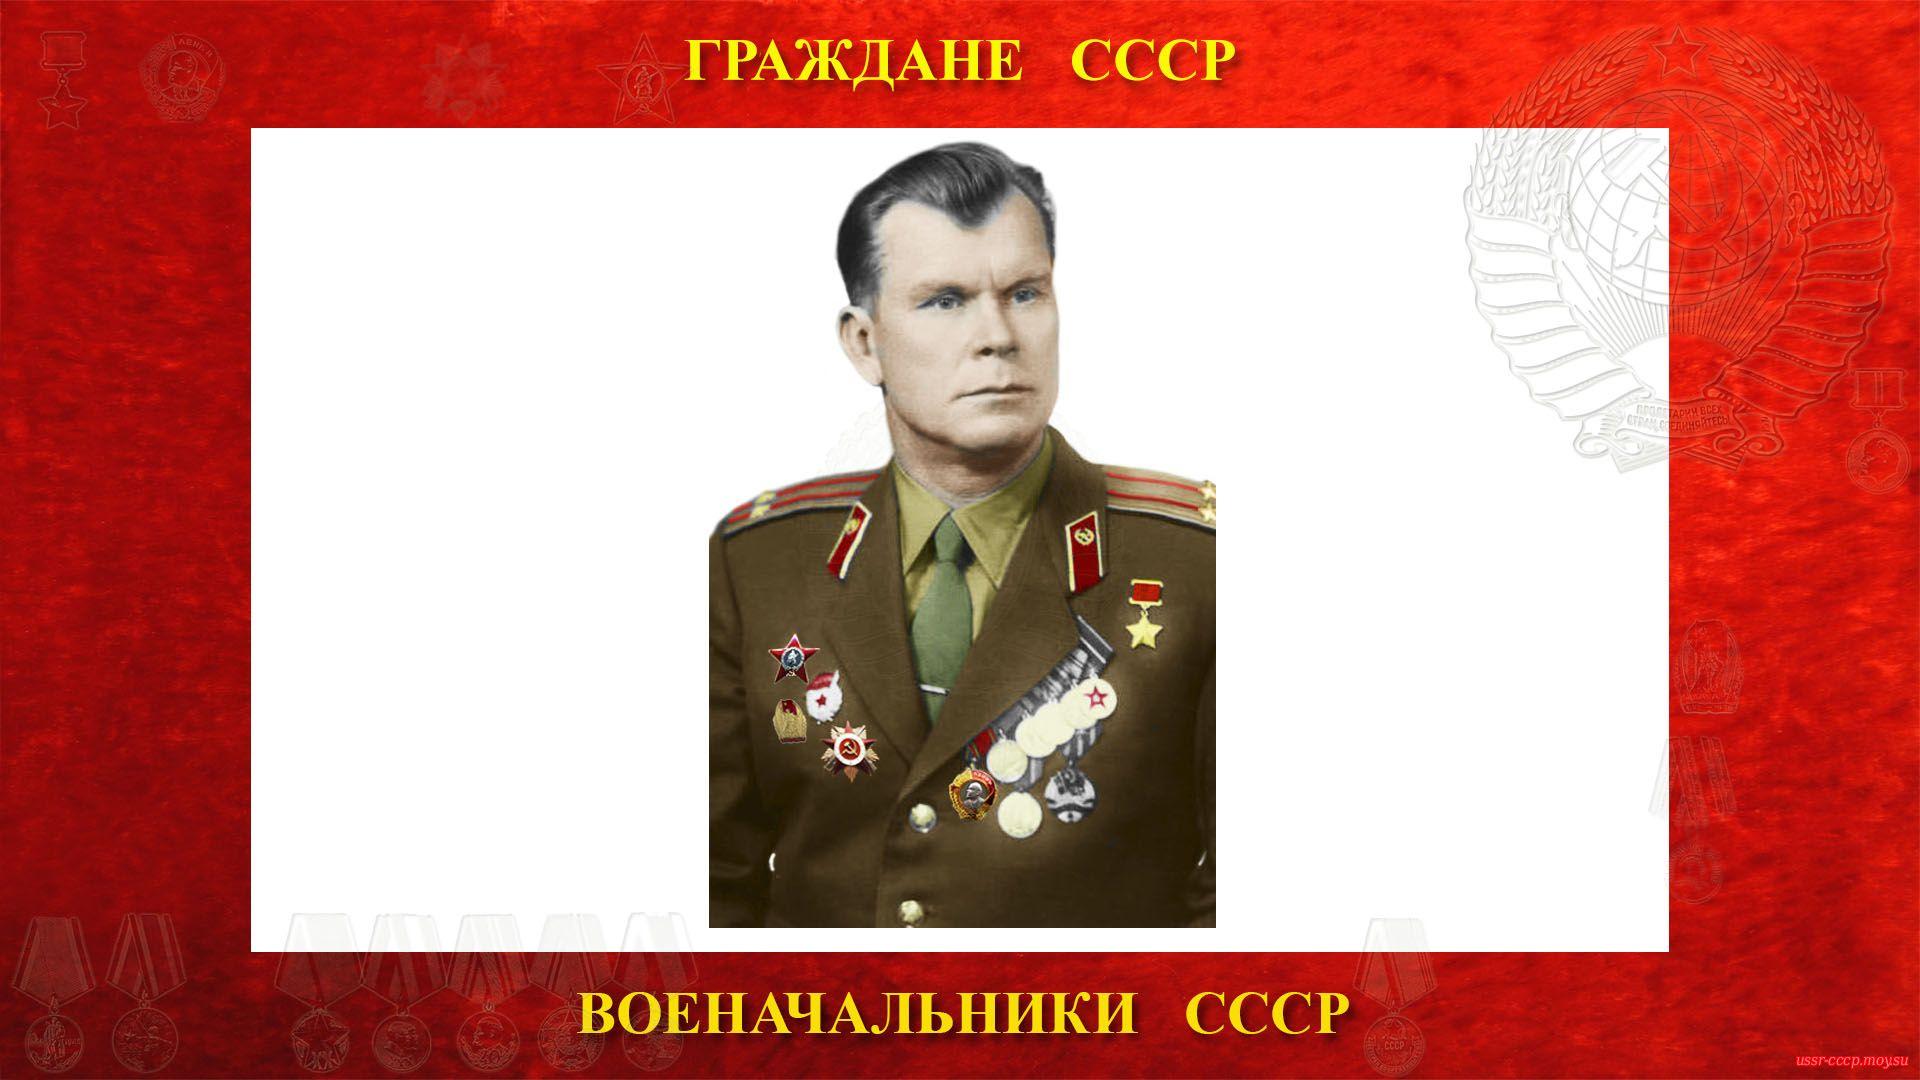 Яроцкий Иван Михайлович— Советский военачальник СССР — Подполковник СССР (18.06.1916 — 25.07.1980)